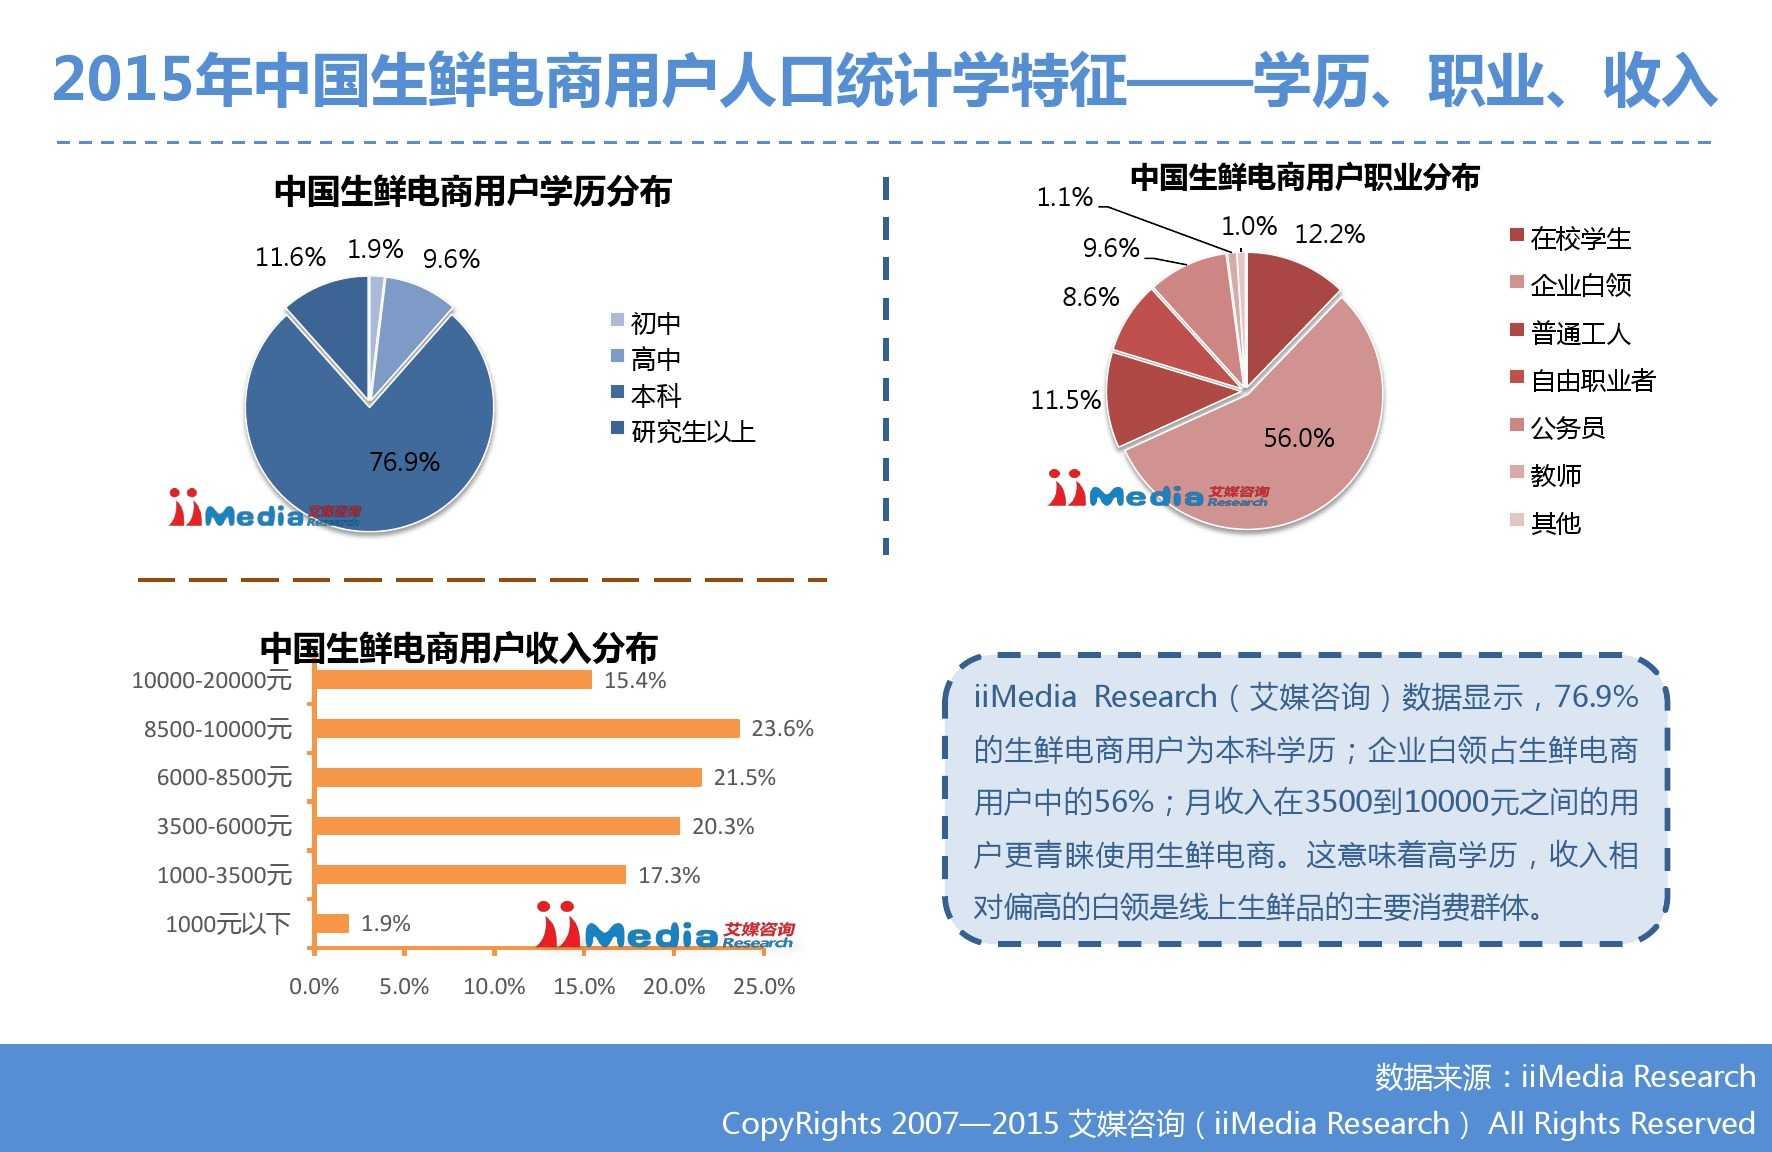 艾媒咨询:2015年中国生鲜电商市场研究报告_000021